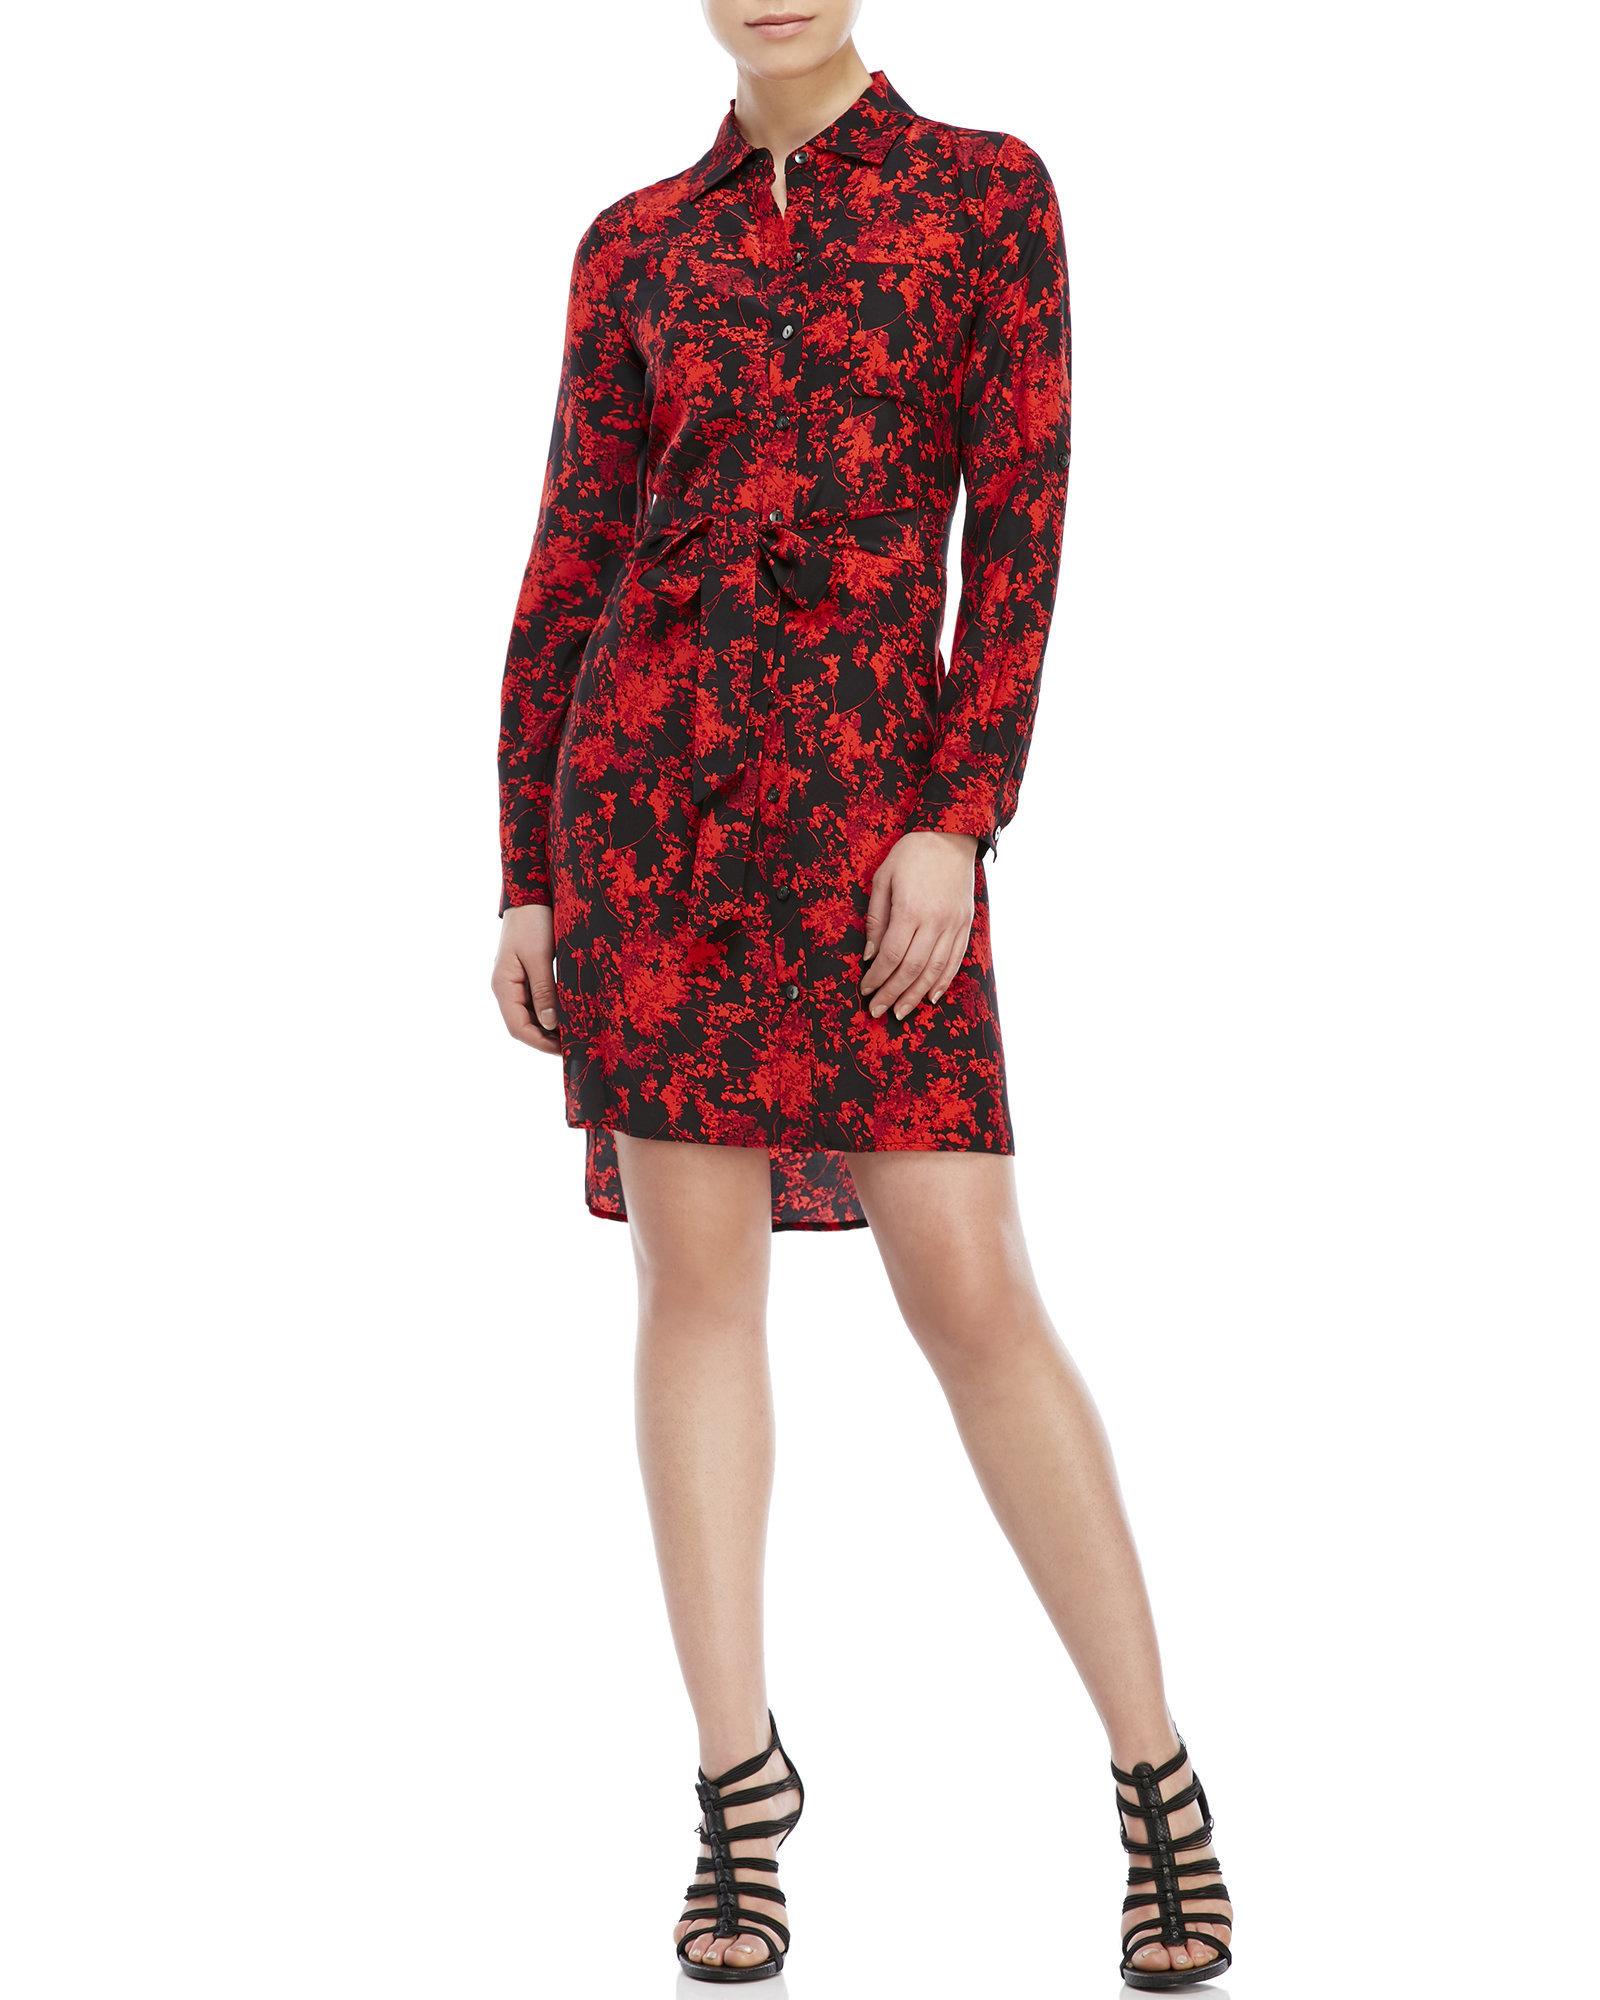 c79135215b44 Lyst - Diane von Furstenberg Prita Floral Silk Shirtdress